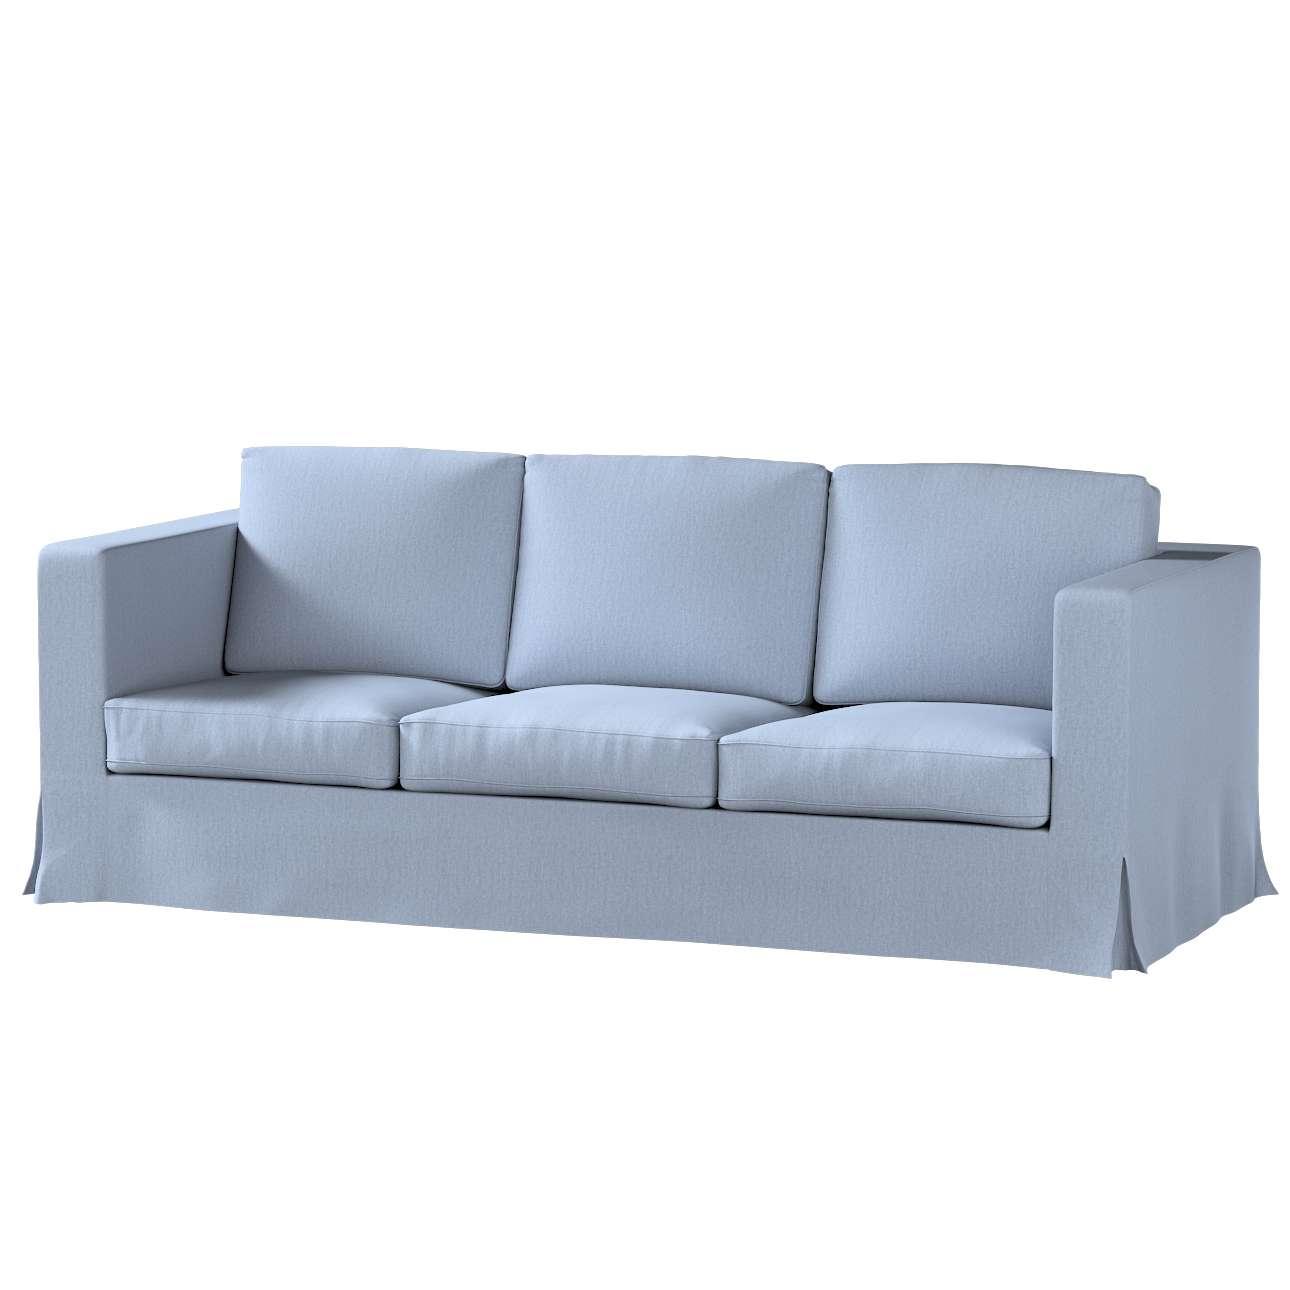 KARLANDA trivietės sofos iki žemės užvalkalas KARLANDA trivietės sofos iki žemės užvalkalas kolekcijoje Chenille, audinys: 702-13